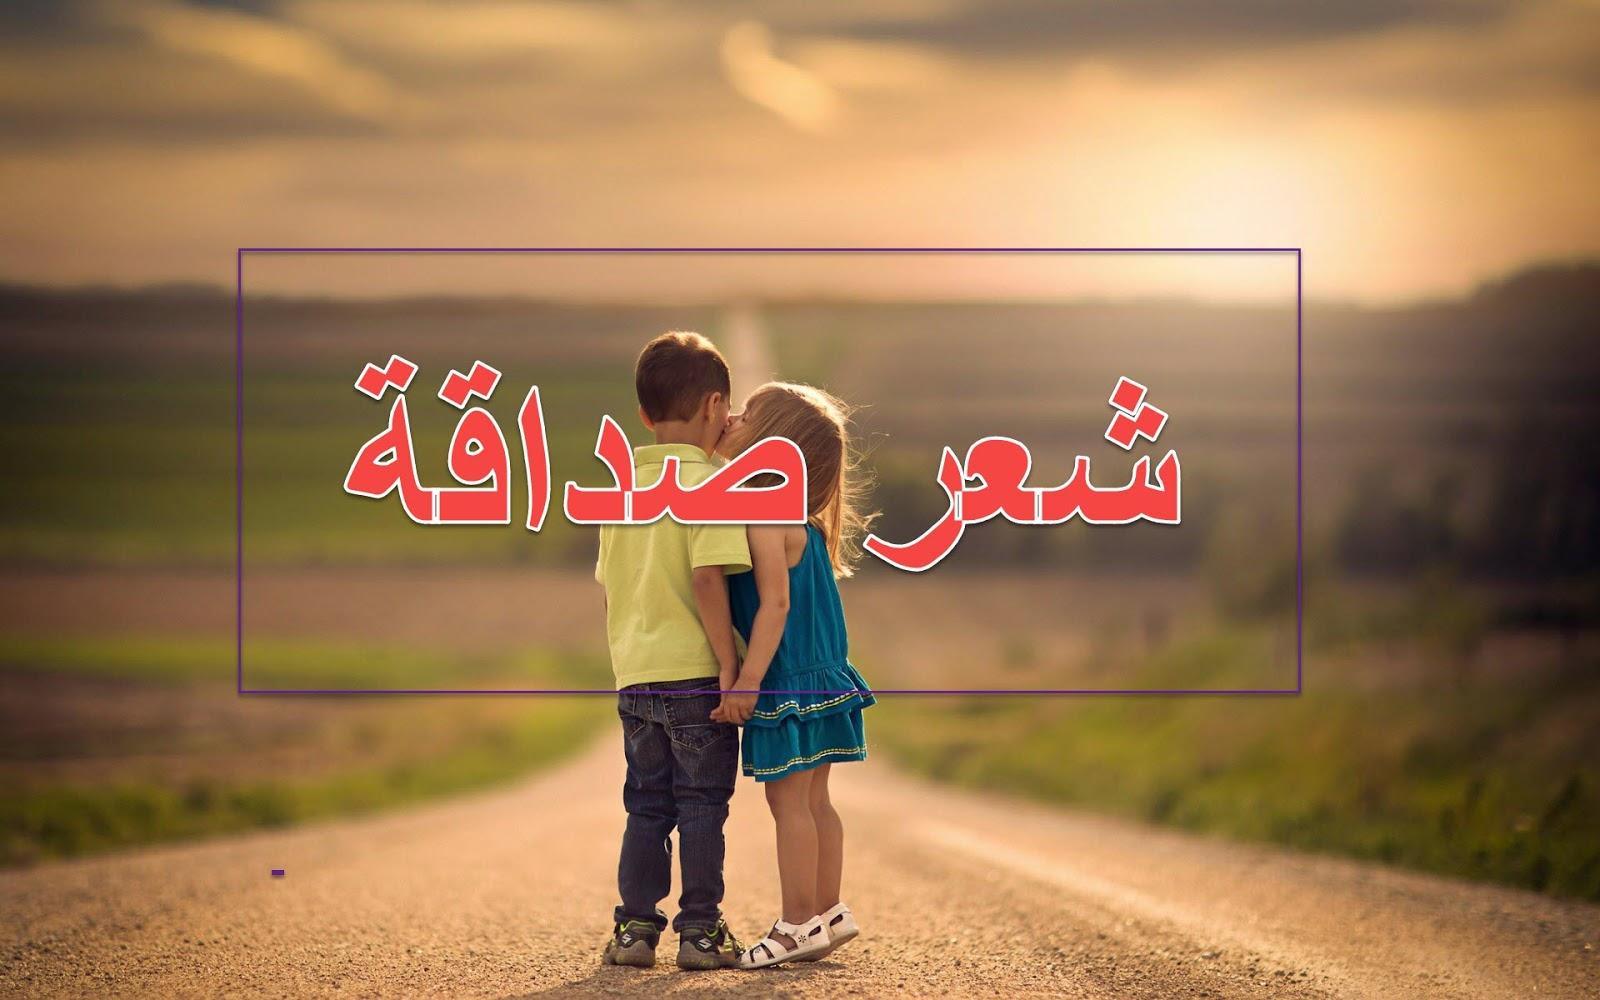 بالصور شعر مدح الصديق , الصداقه و كلمات لها ضجيج للصديق 326 6